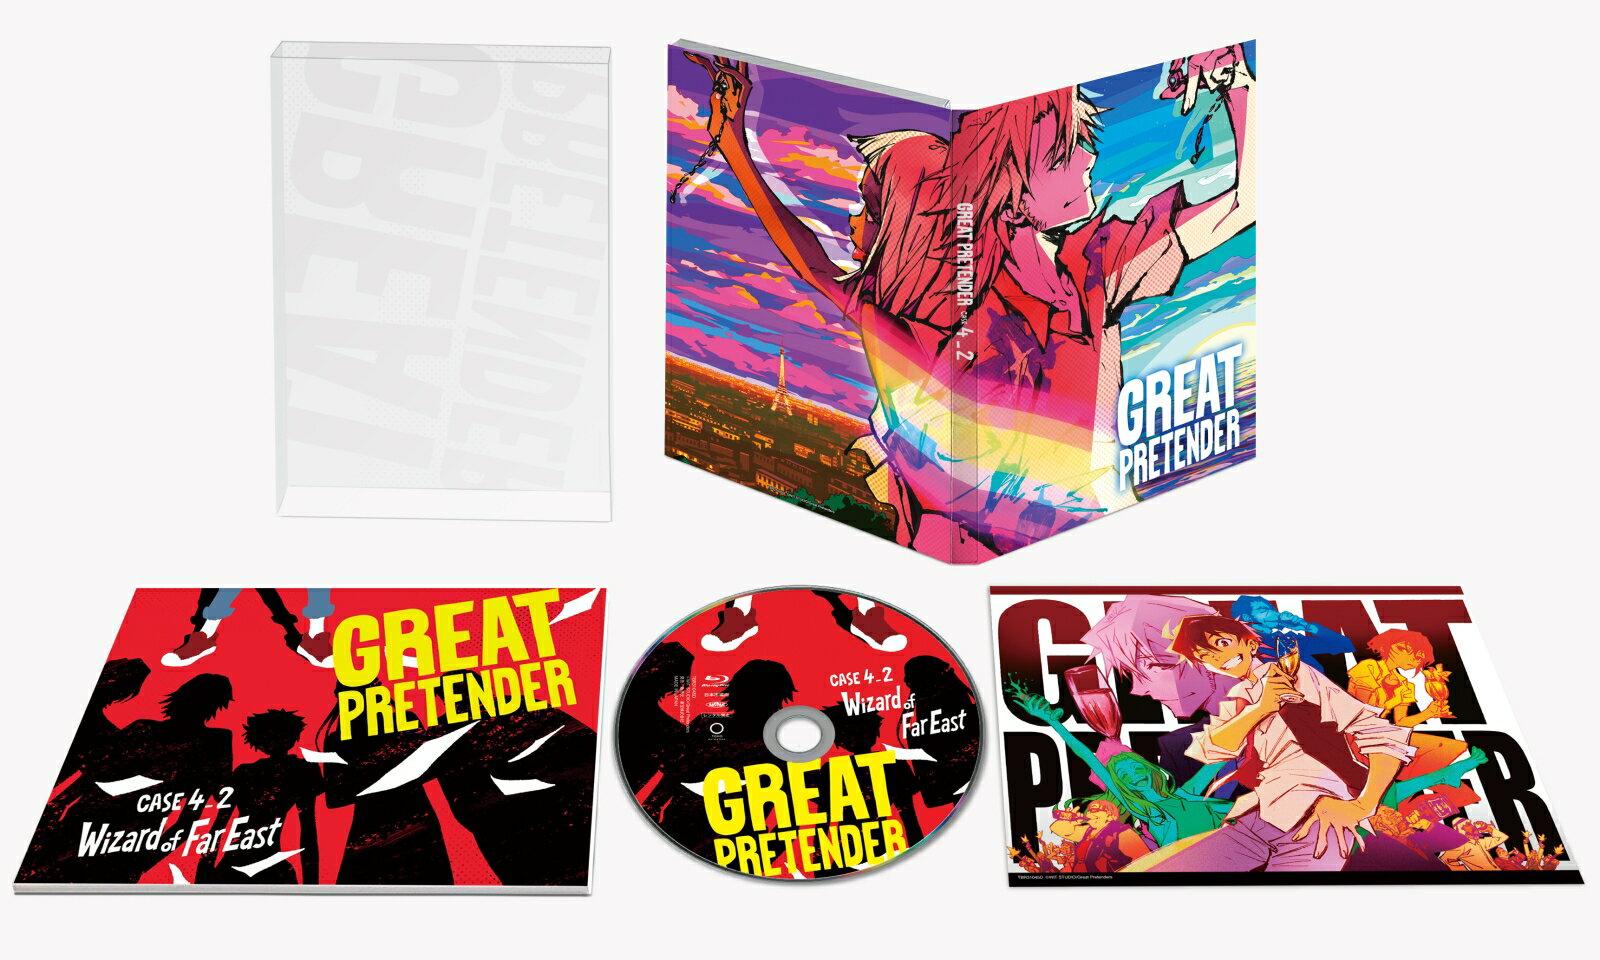 「 GREAT PRETENDER 」 CASE 4 ウィザード・オブ・ファー・イースト 【後篇】【Blu-ray】 [ 小林千晃 ]画像